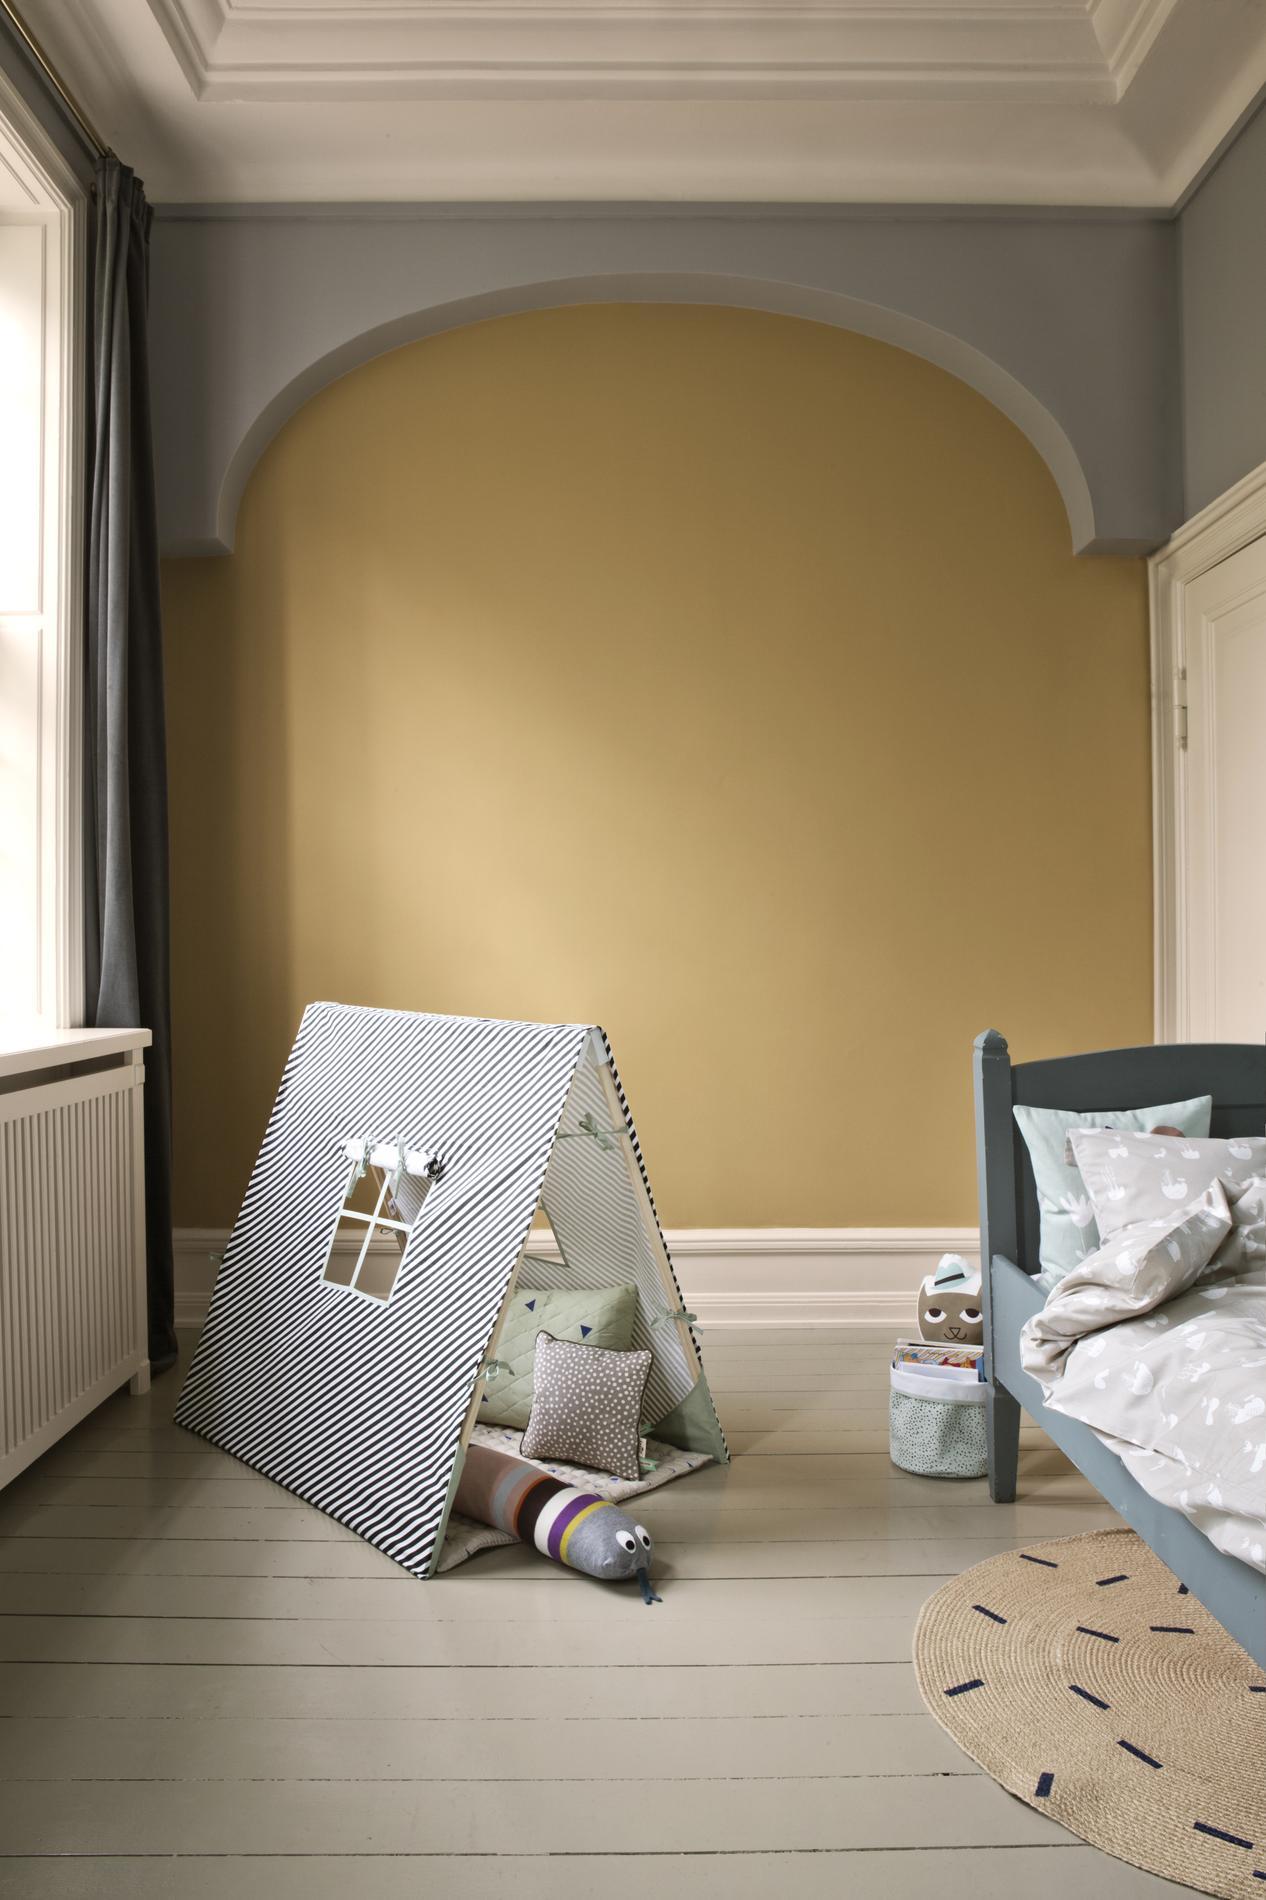 Tente Chambre Garcon tout nos conseils pour bien aménager une chambre d'enfant - madame